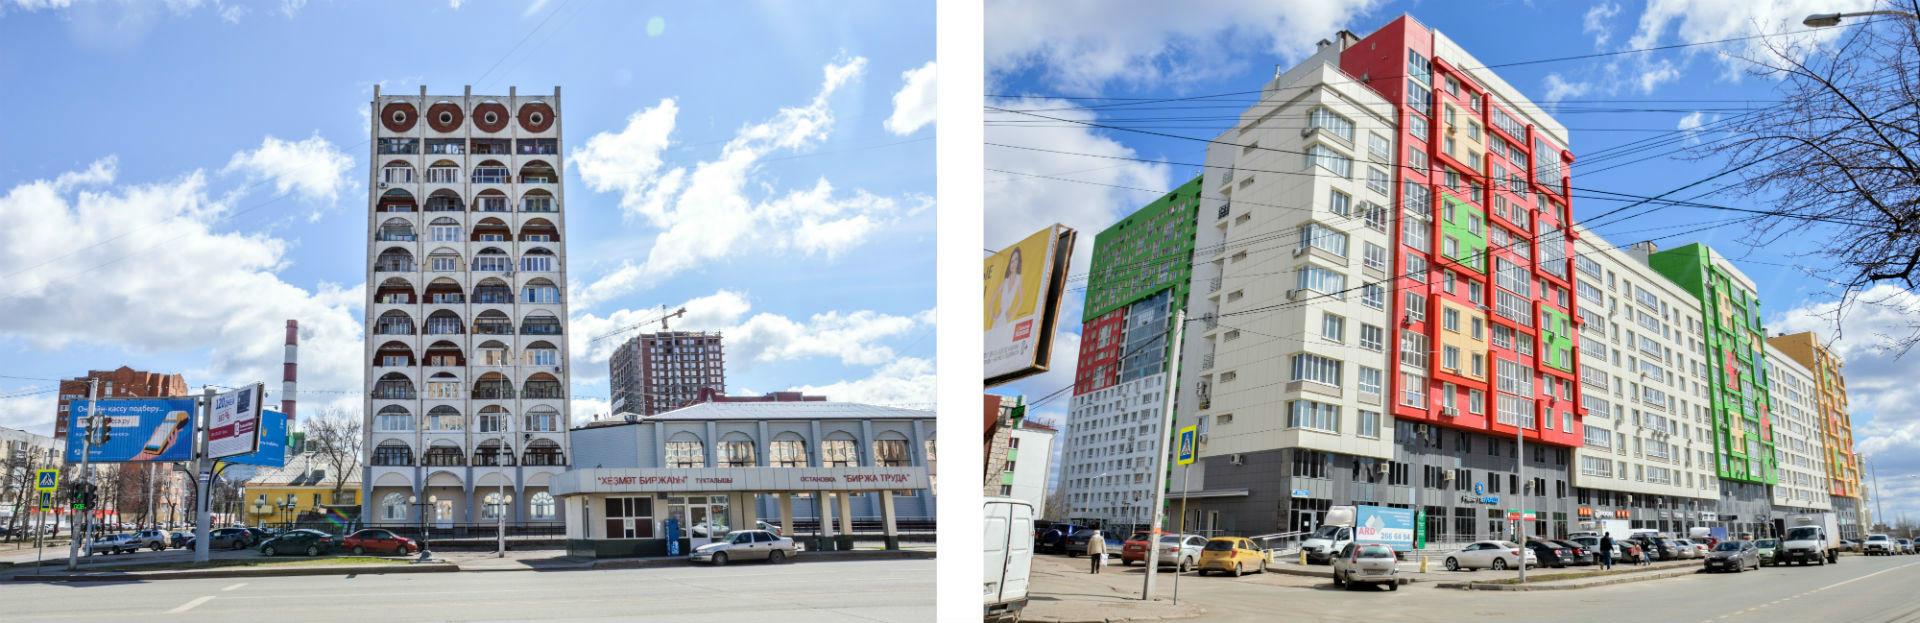 Les bâtiments bordant les rues d'Oufa affichent une impressionnante diversité architecturale.